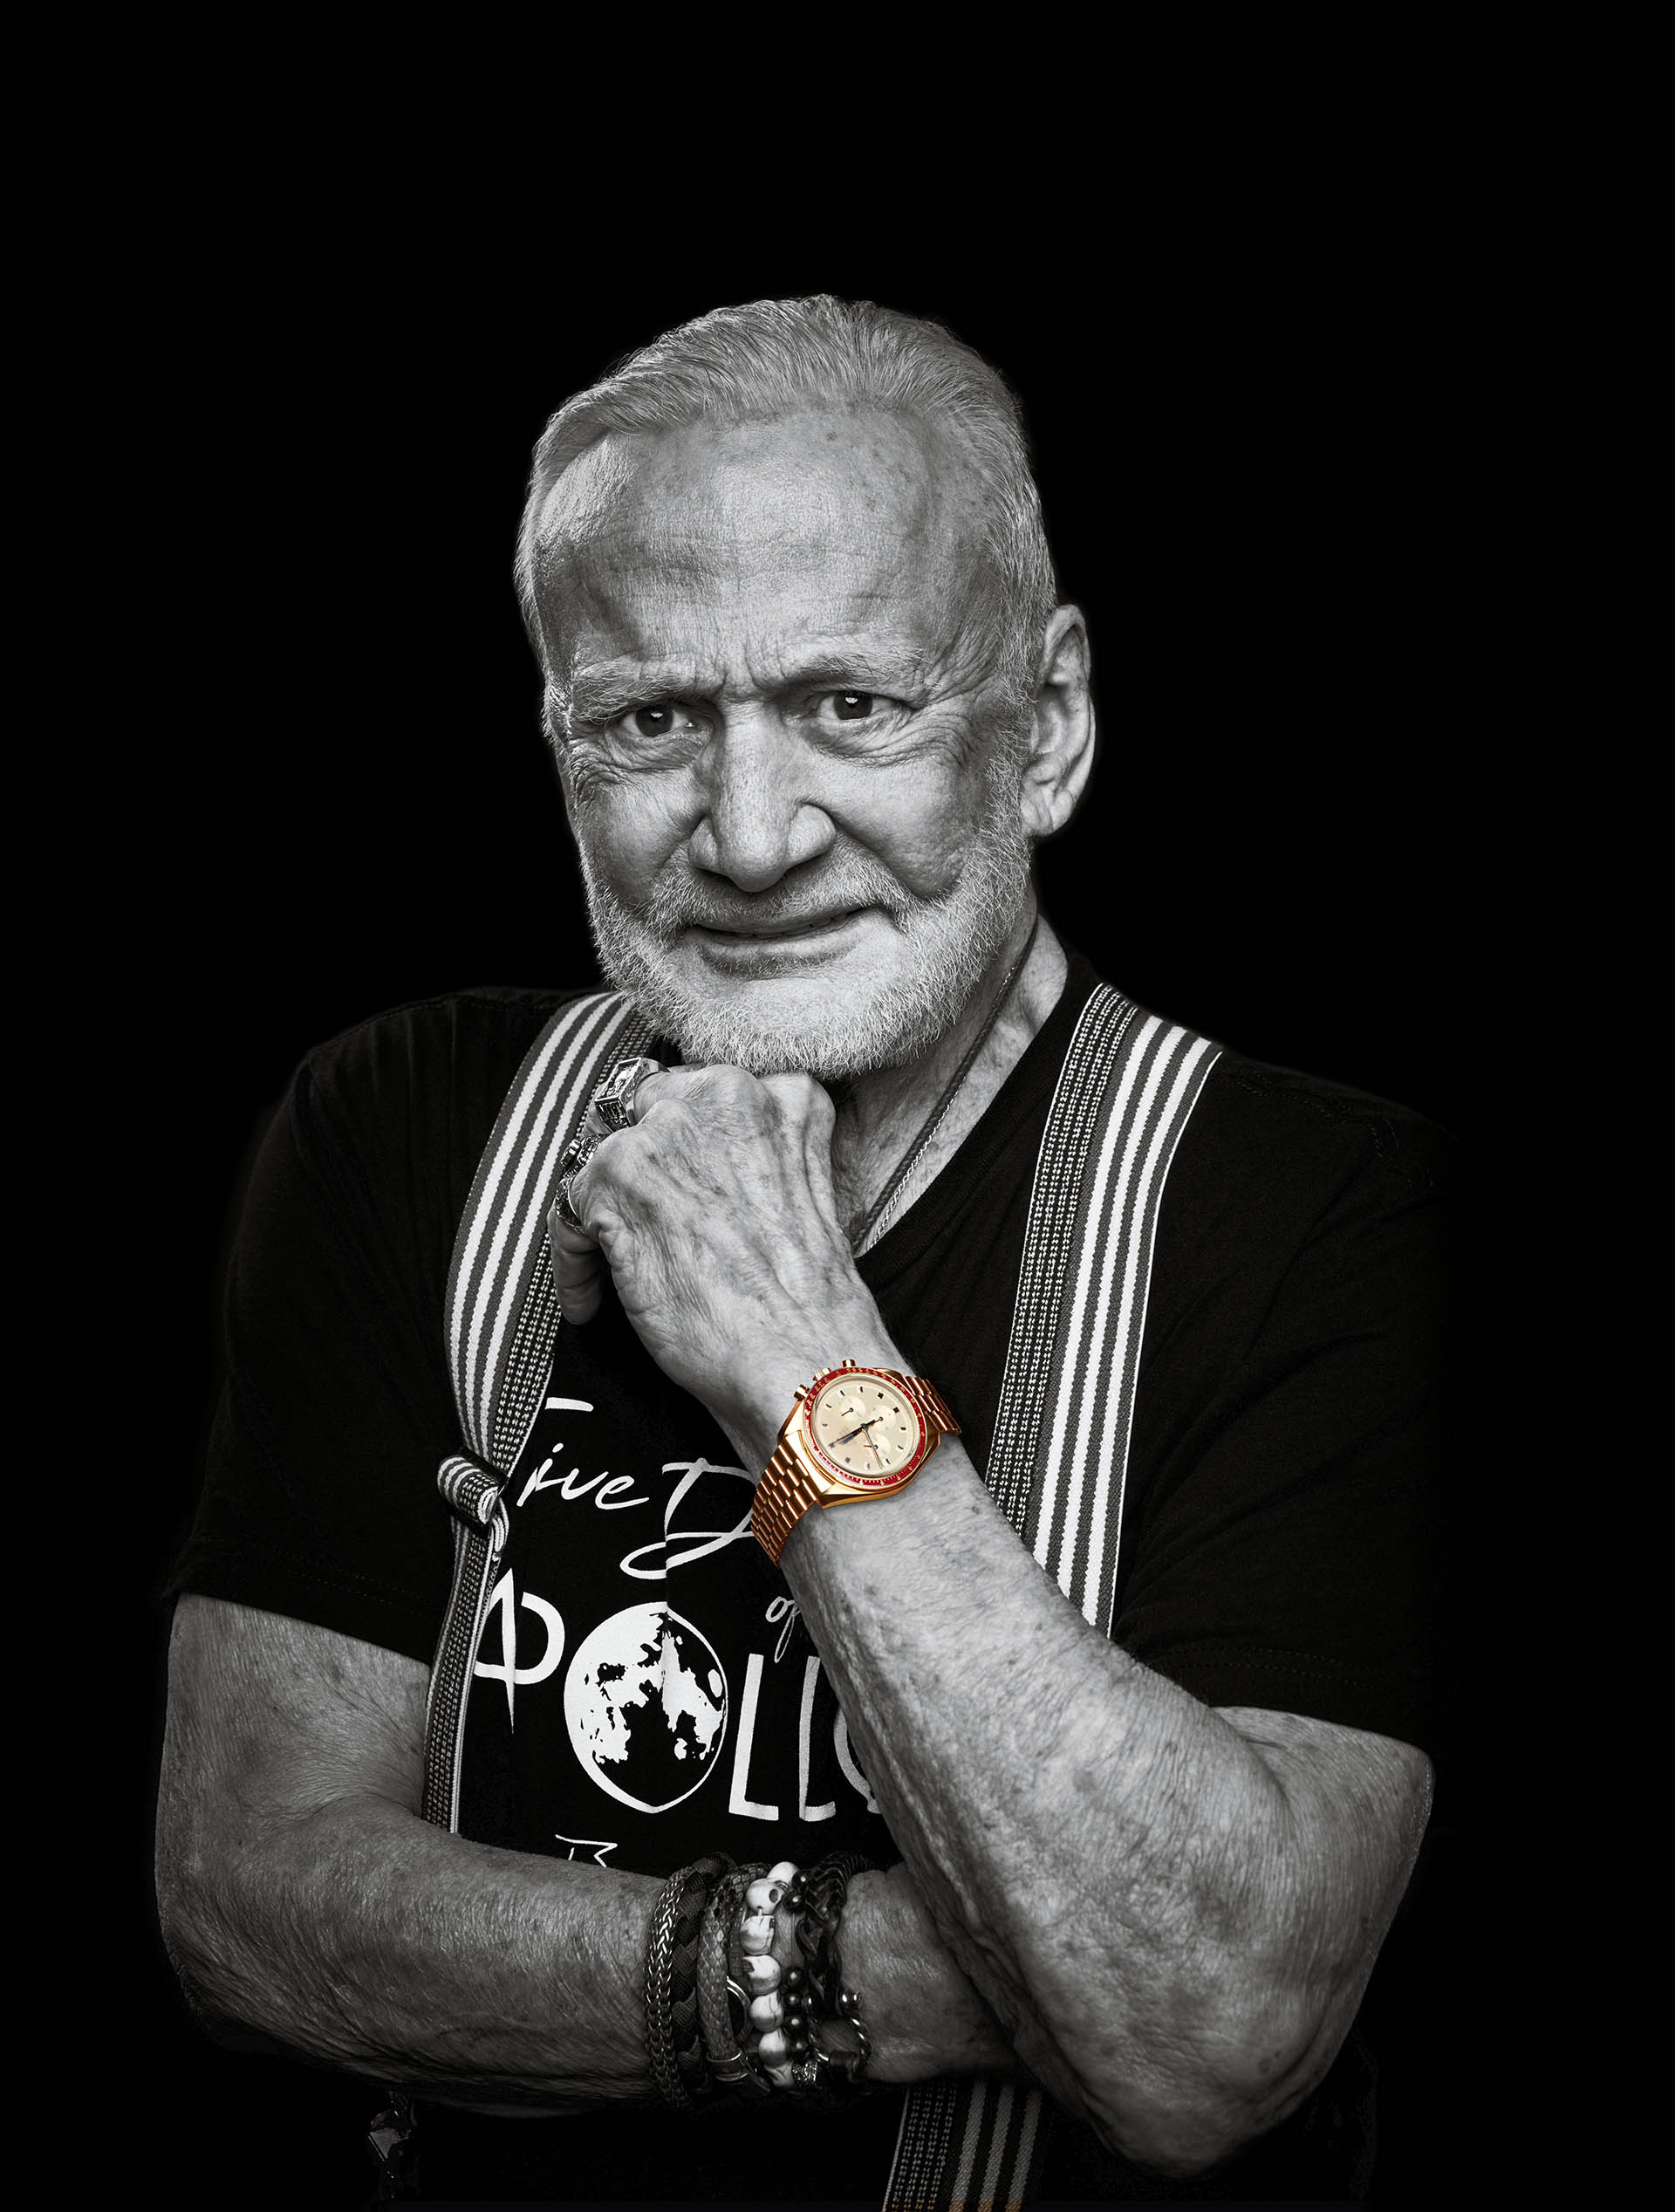 Buzz Aldrin Omega Speedmaster